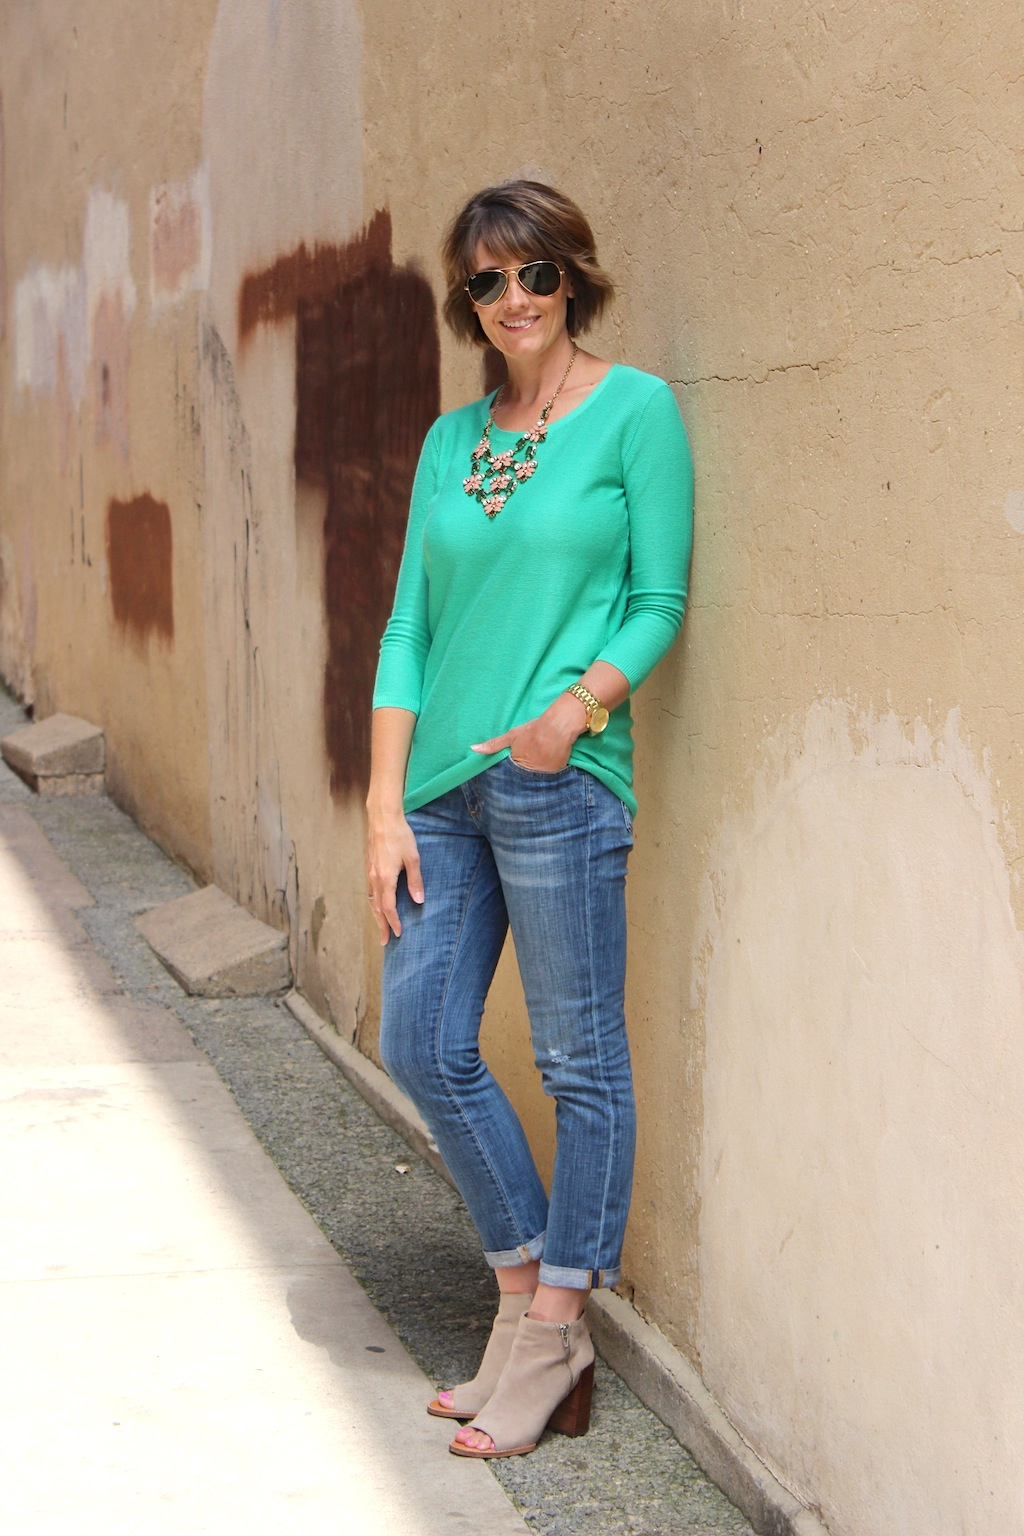 greensweater1